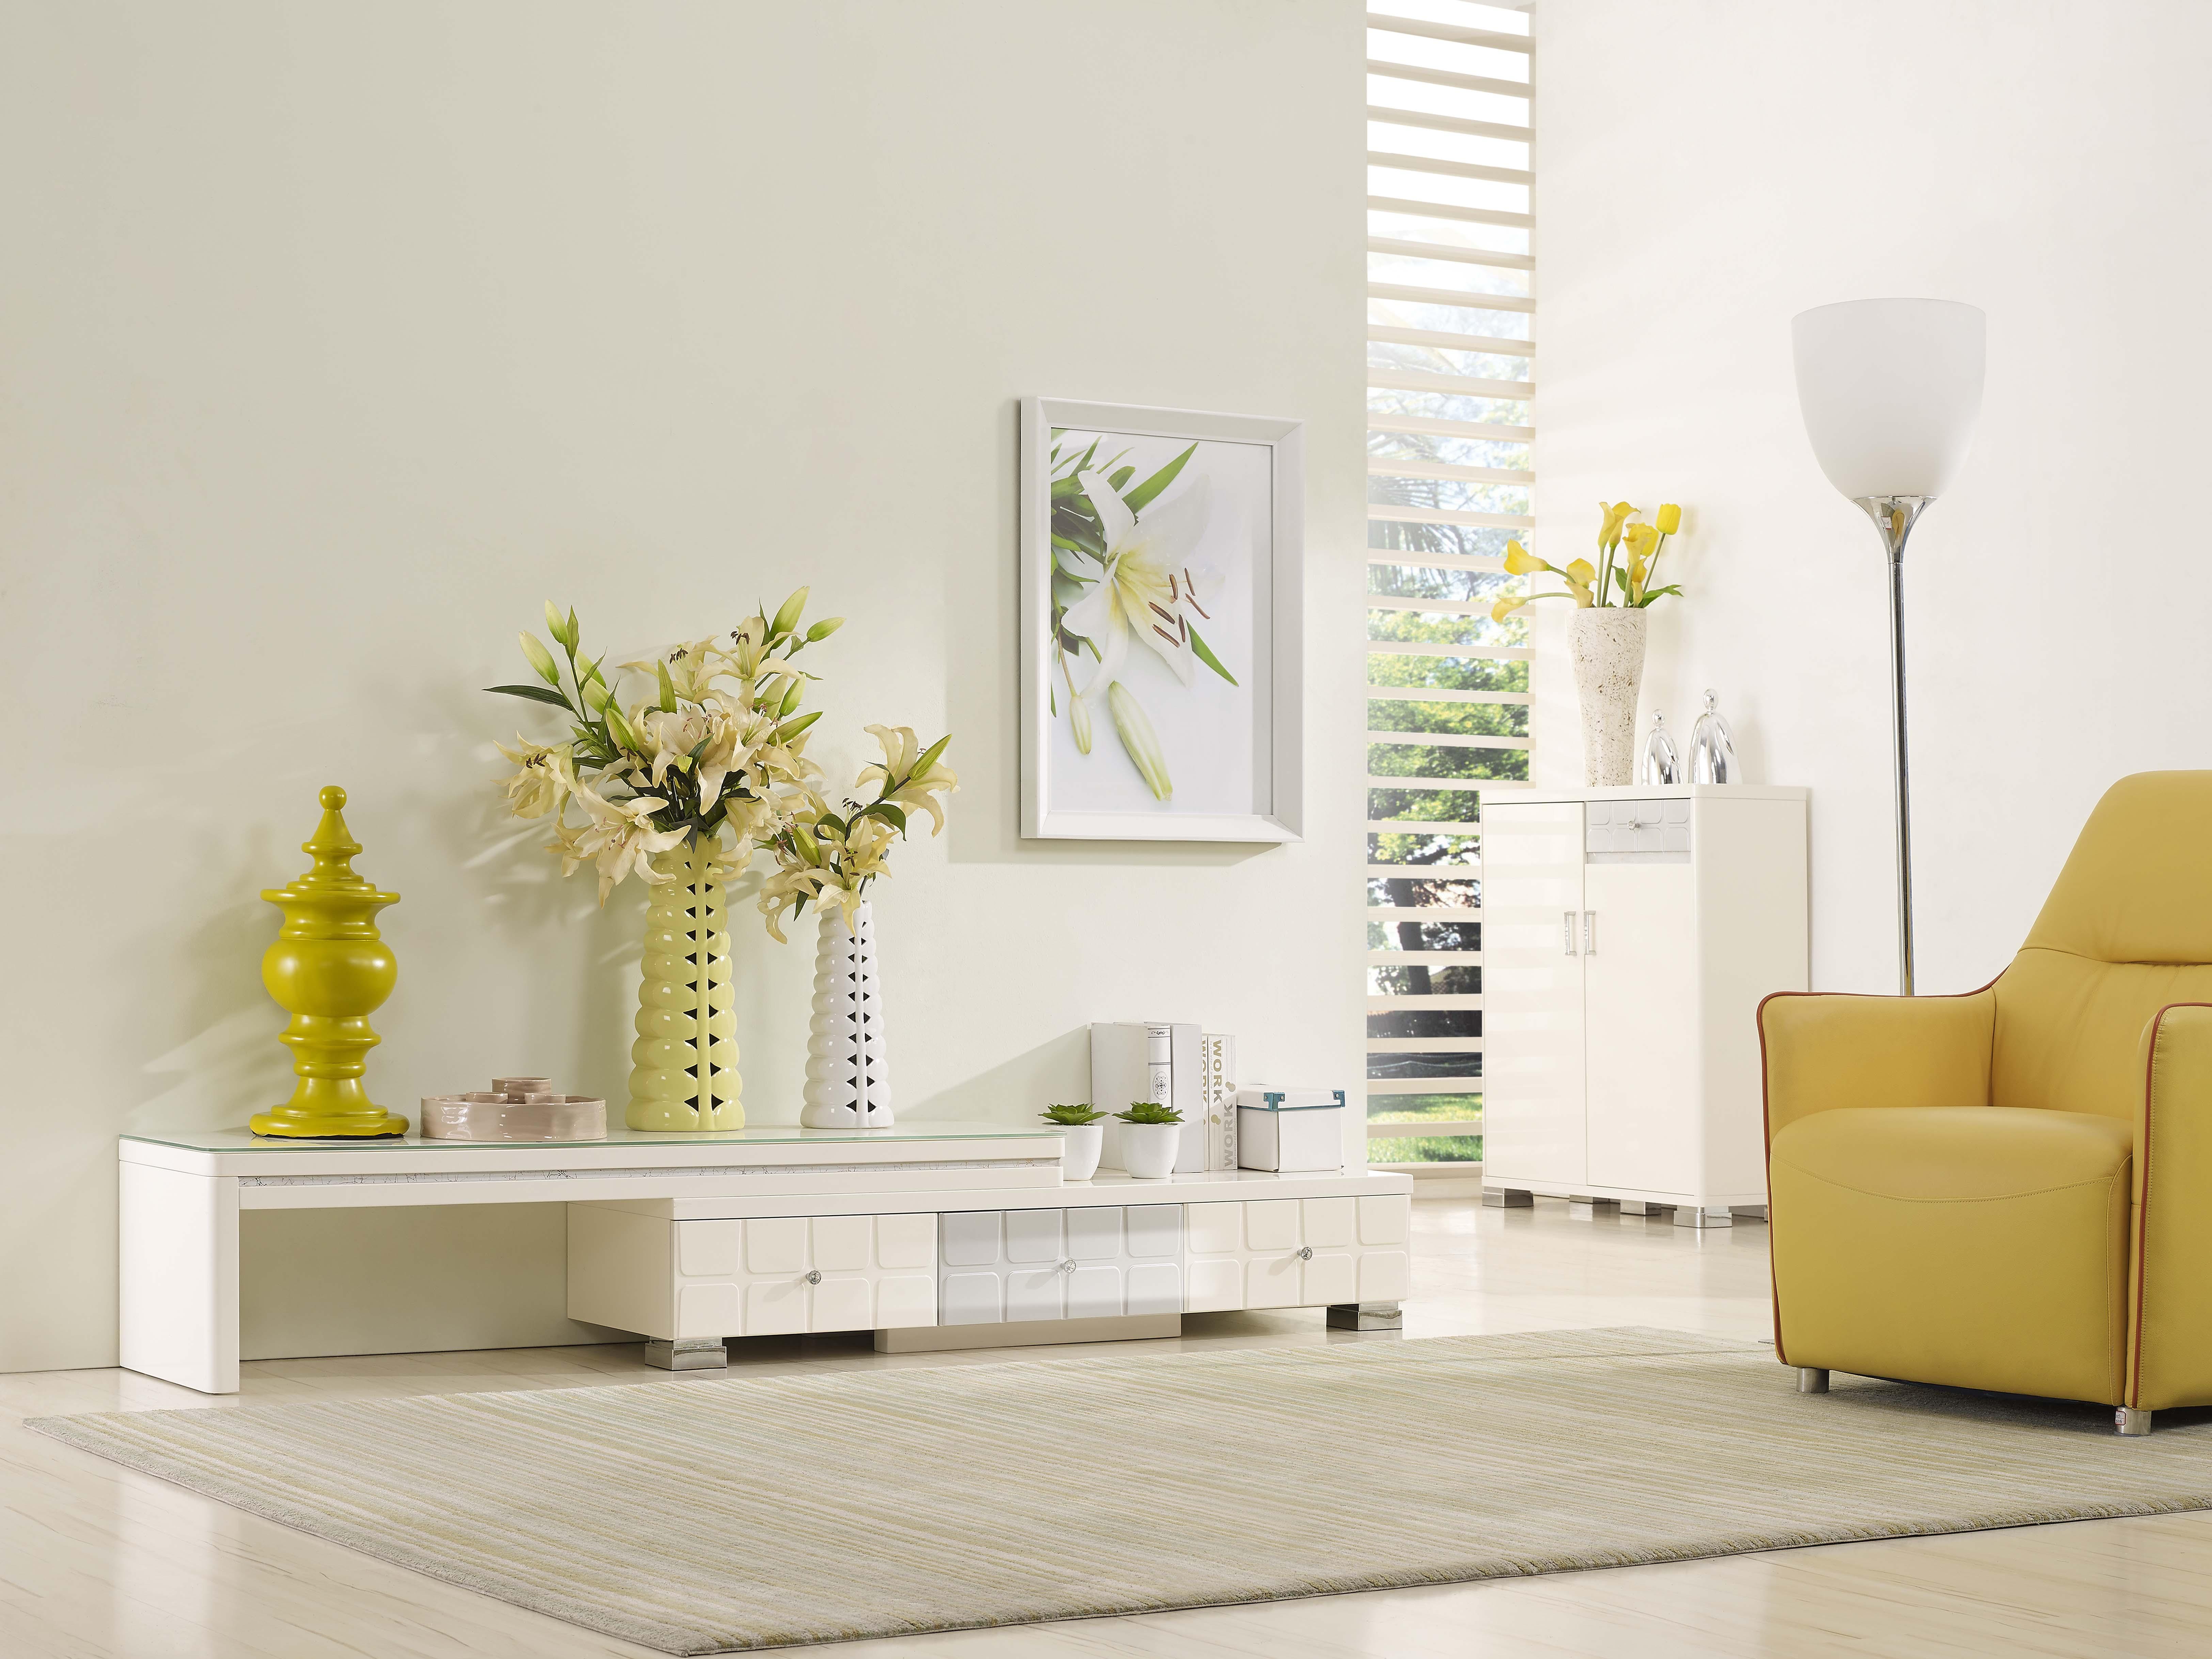 简约 时尚 实用 精致 白领图片来自全友家居在经典白银的分享